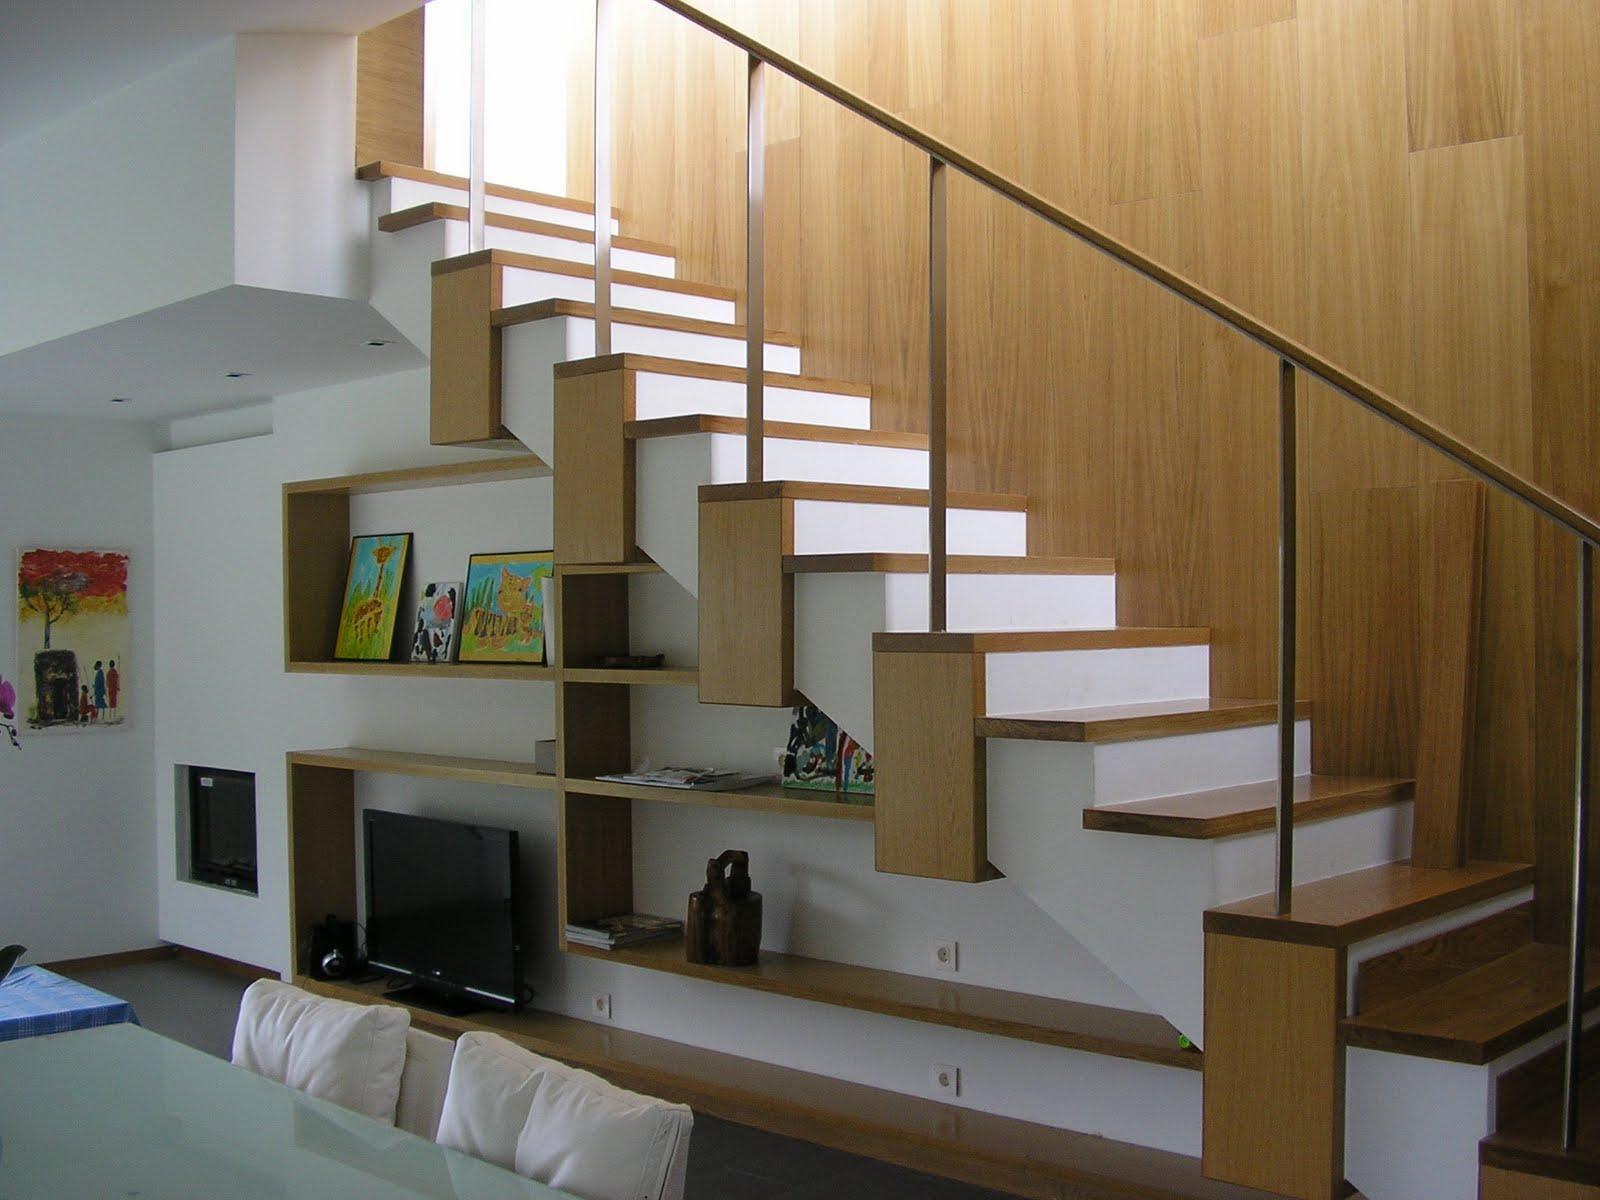 Lk conjunto de escalera y estanteria y revestimiento de for Escaleras de viviendas